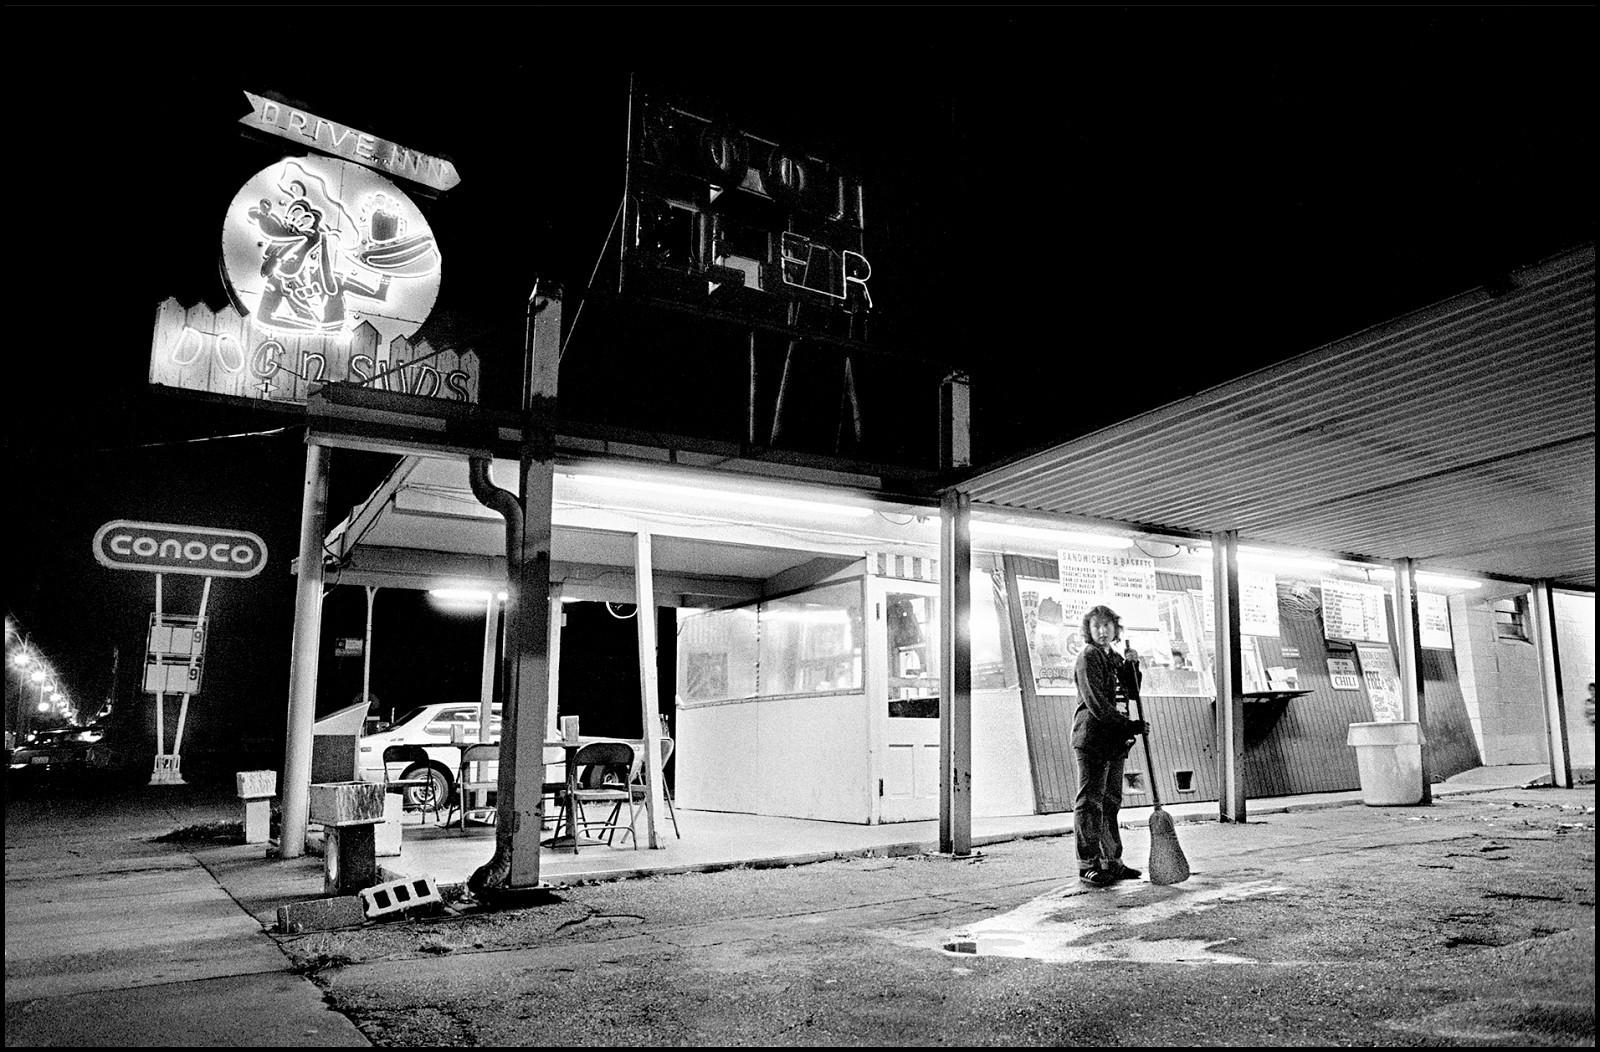 Эвансвилл, Индиана, США, 1981. Джефф Уайденер